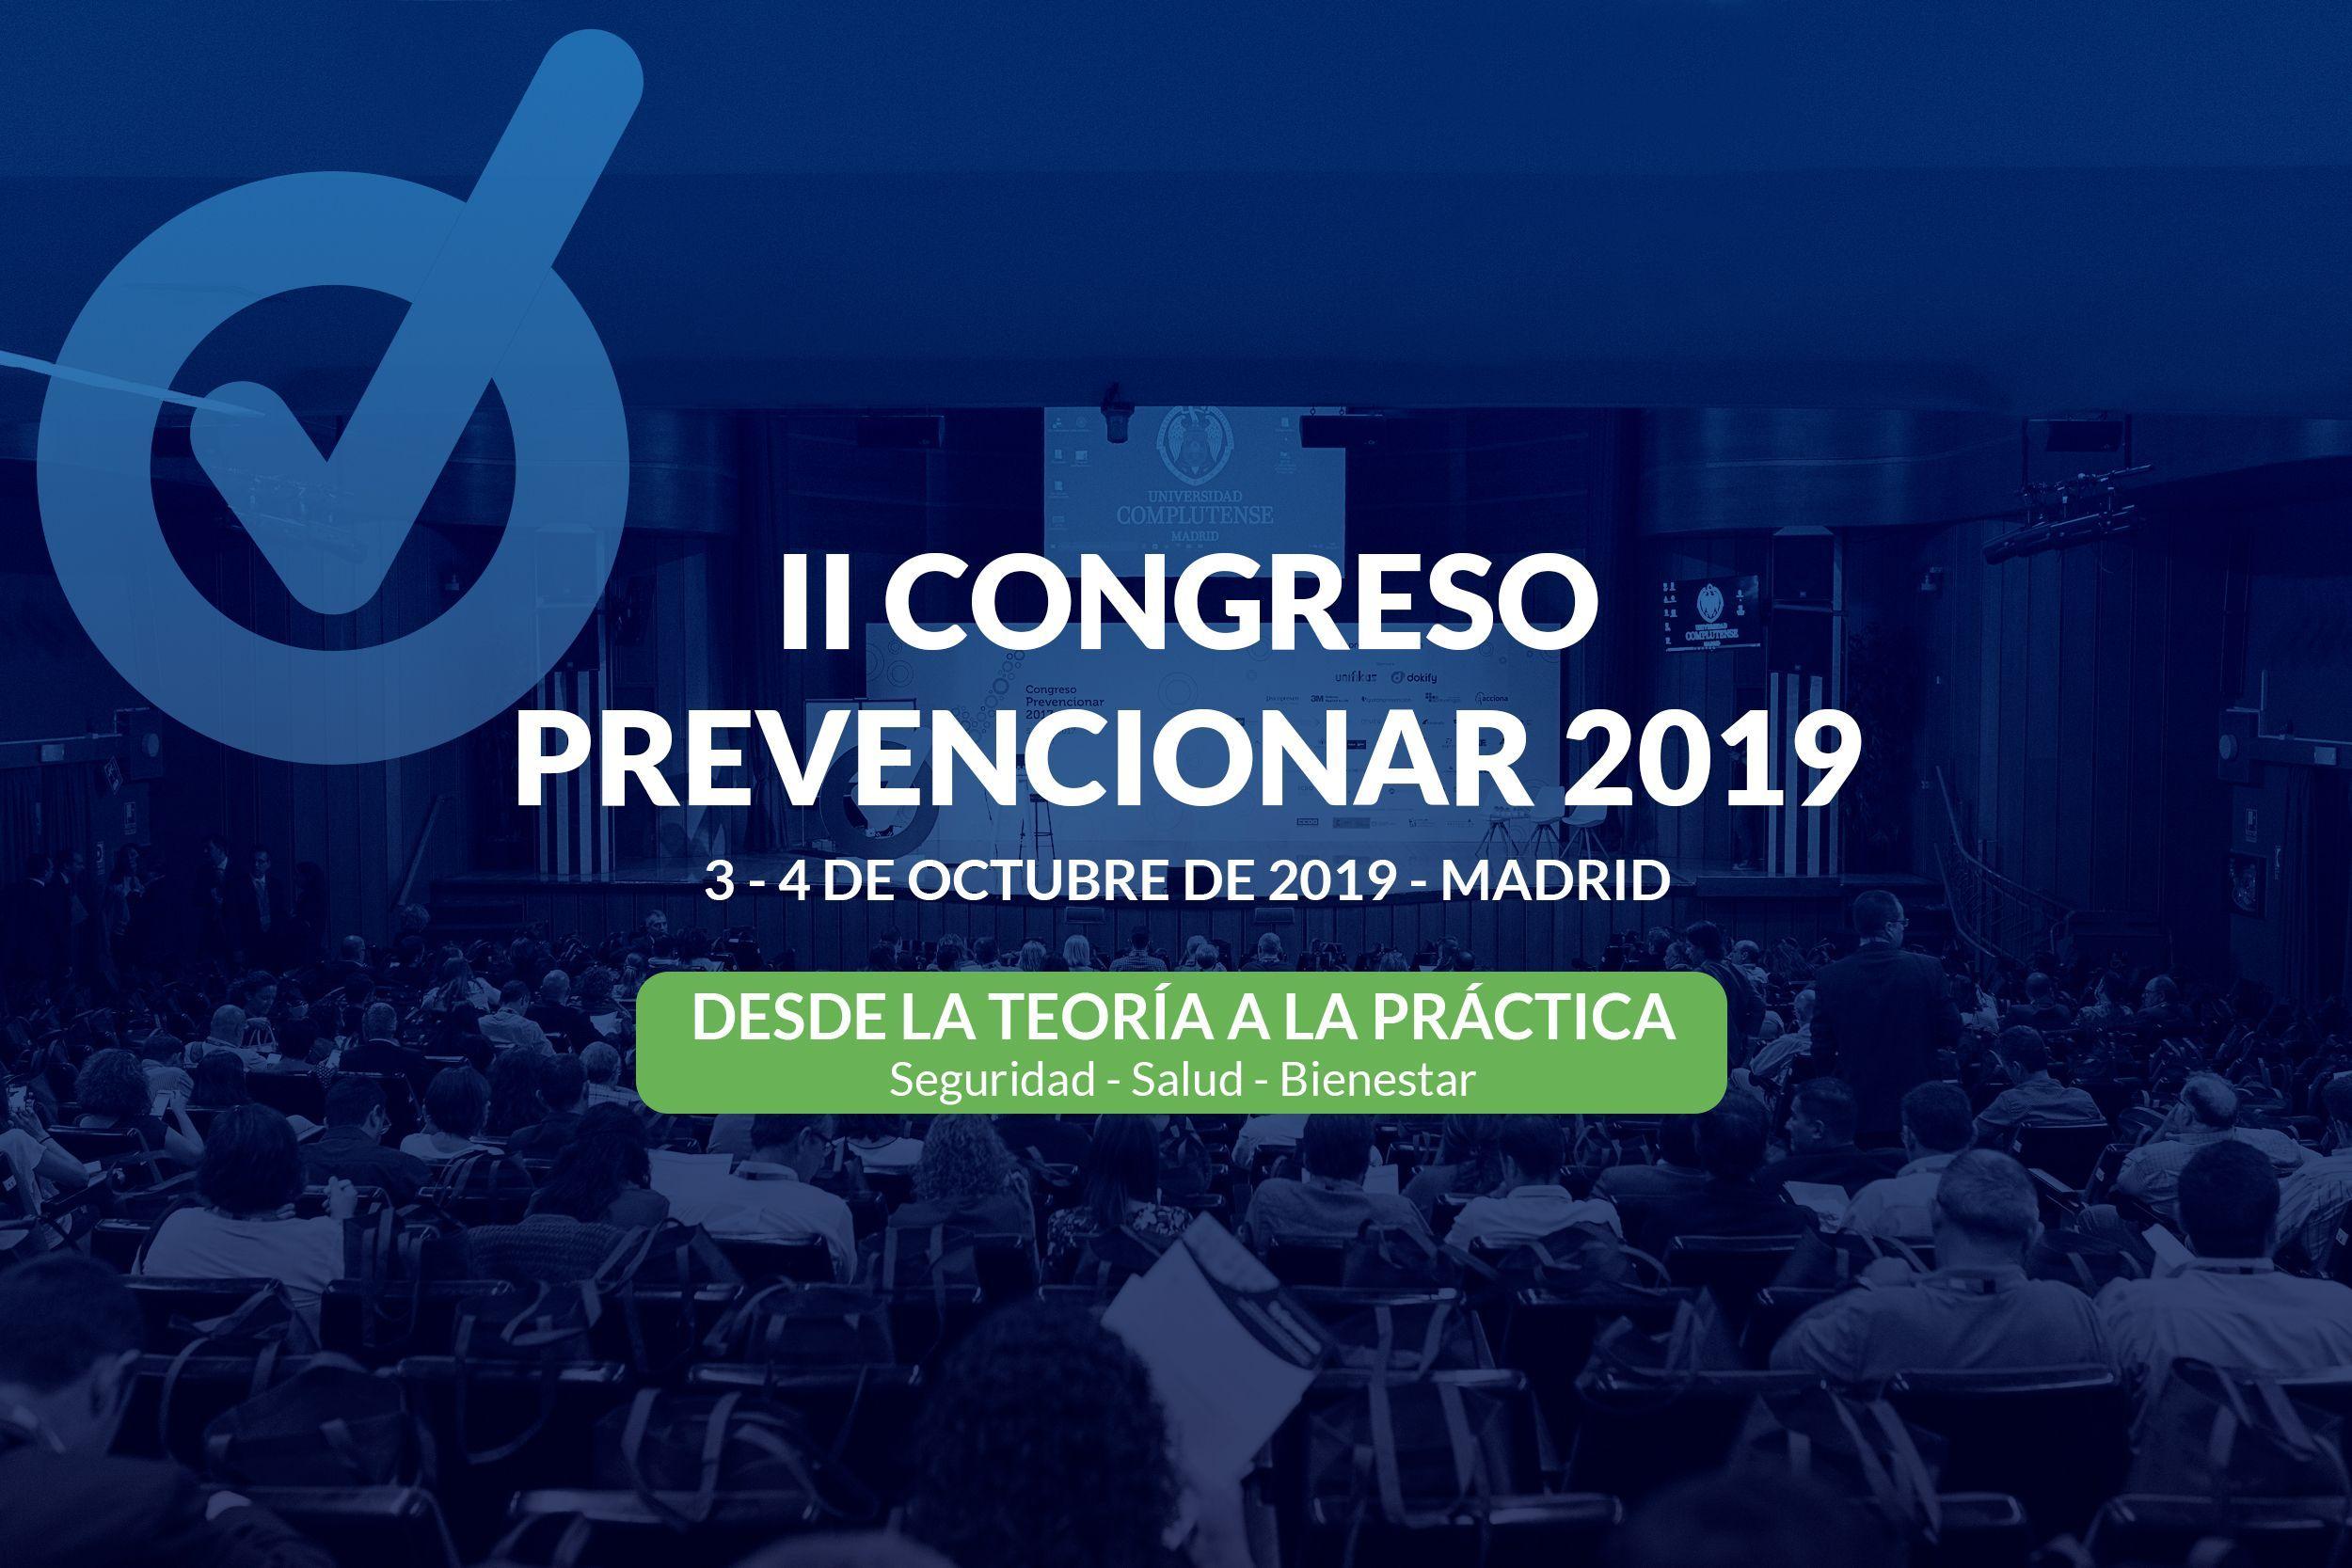 II congreso prevencionar 2019